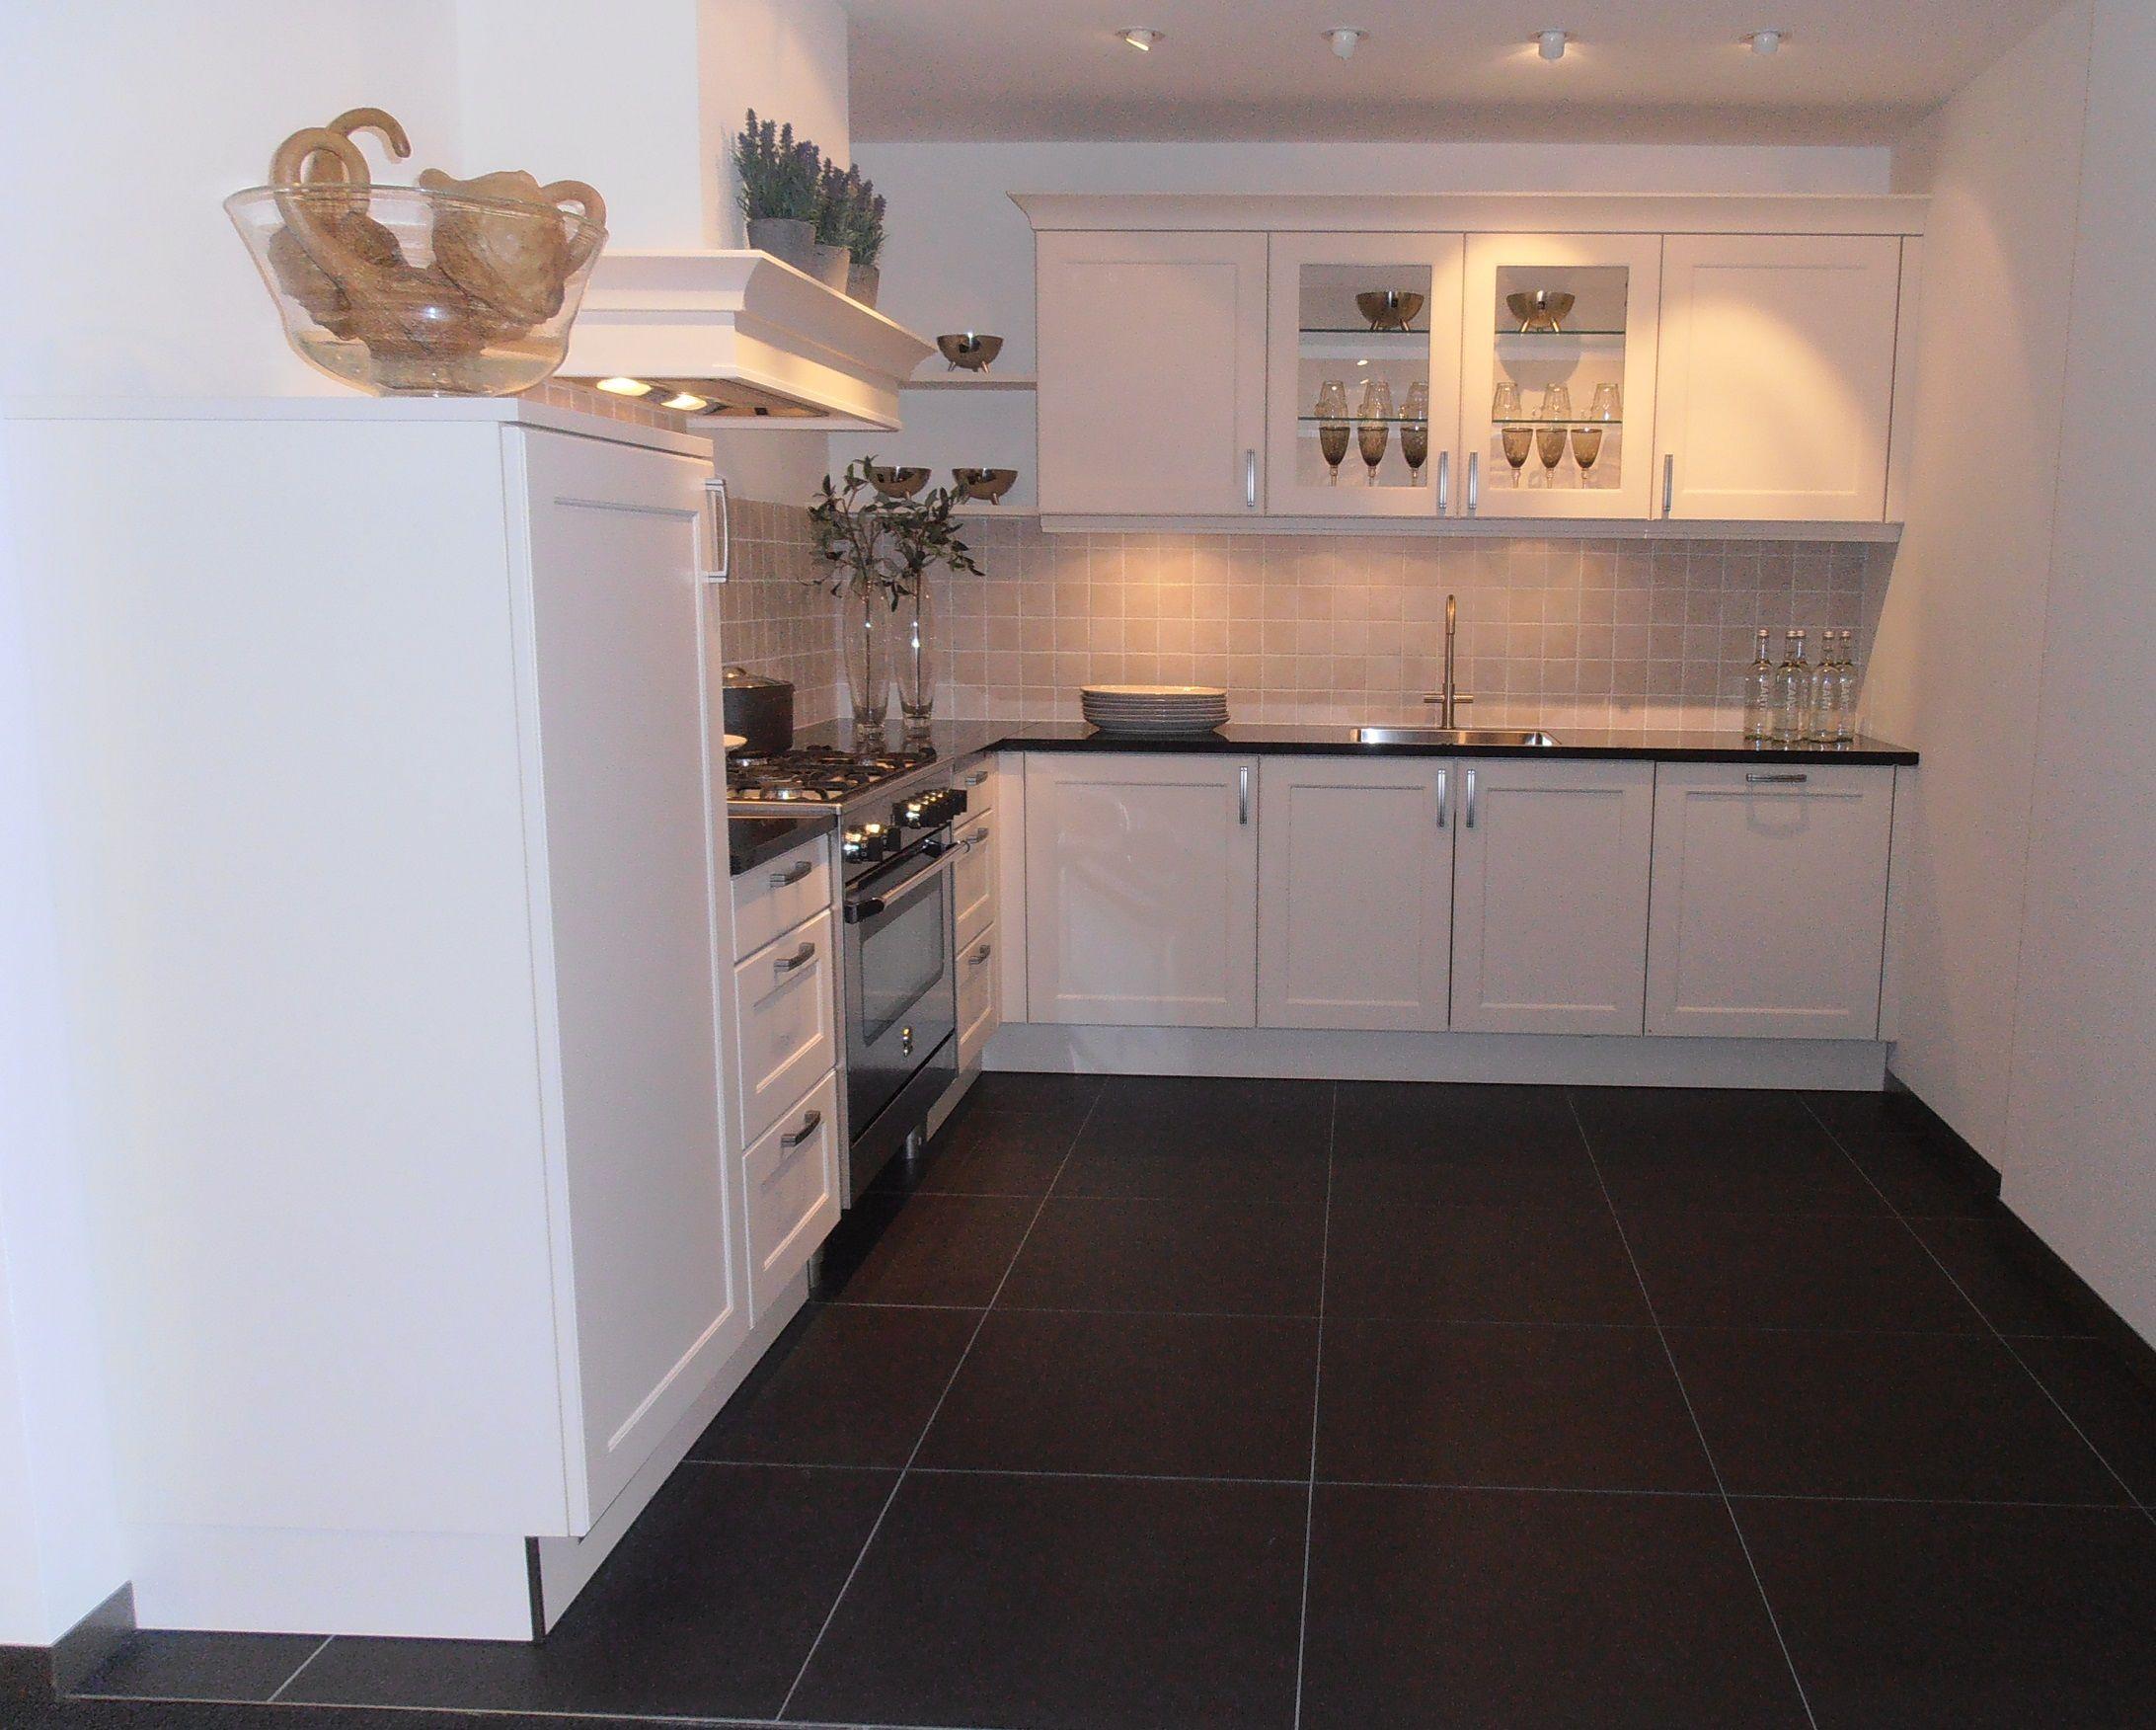 Allergrootste keukensite van nederland landelijke keuken met granieten - Keuken met granieten werkblad ...